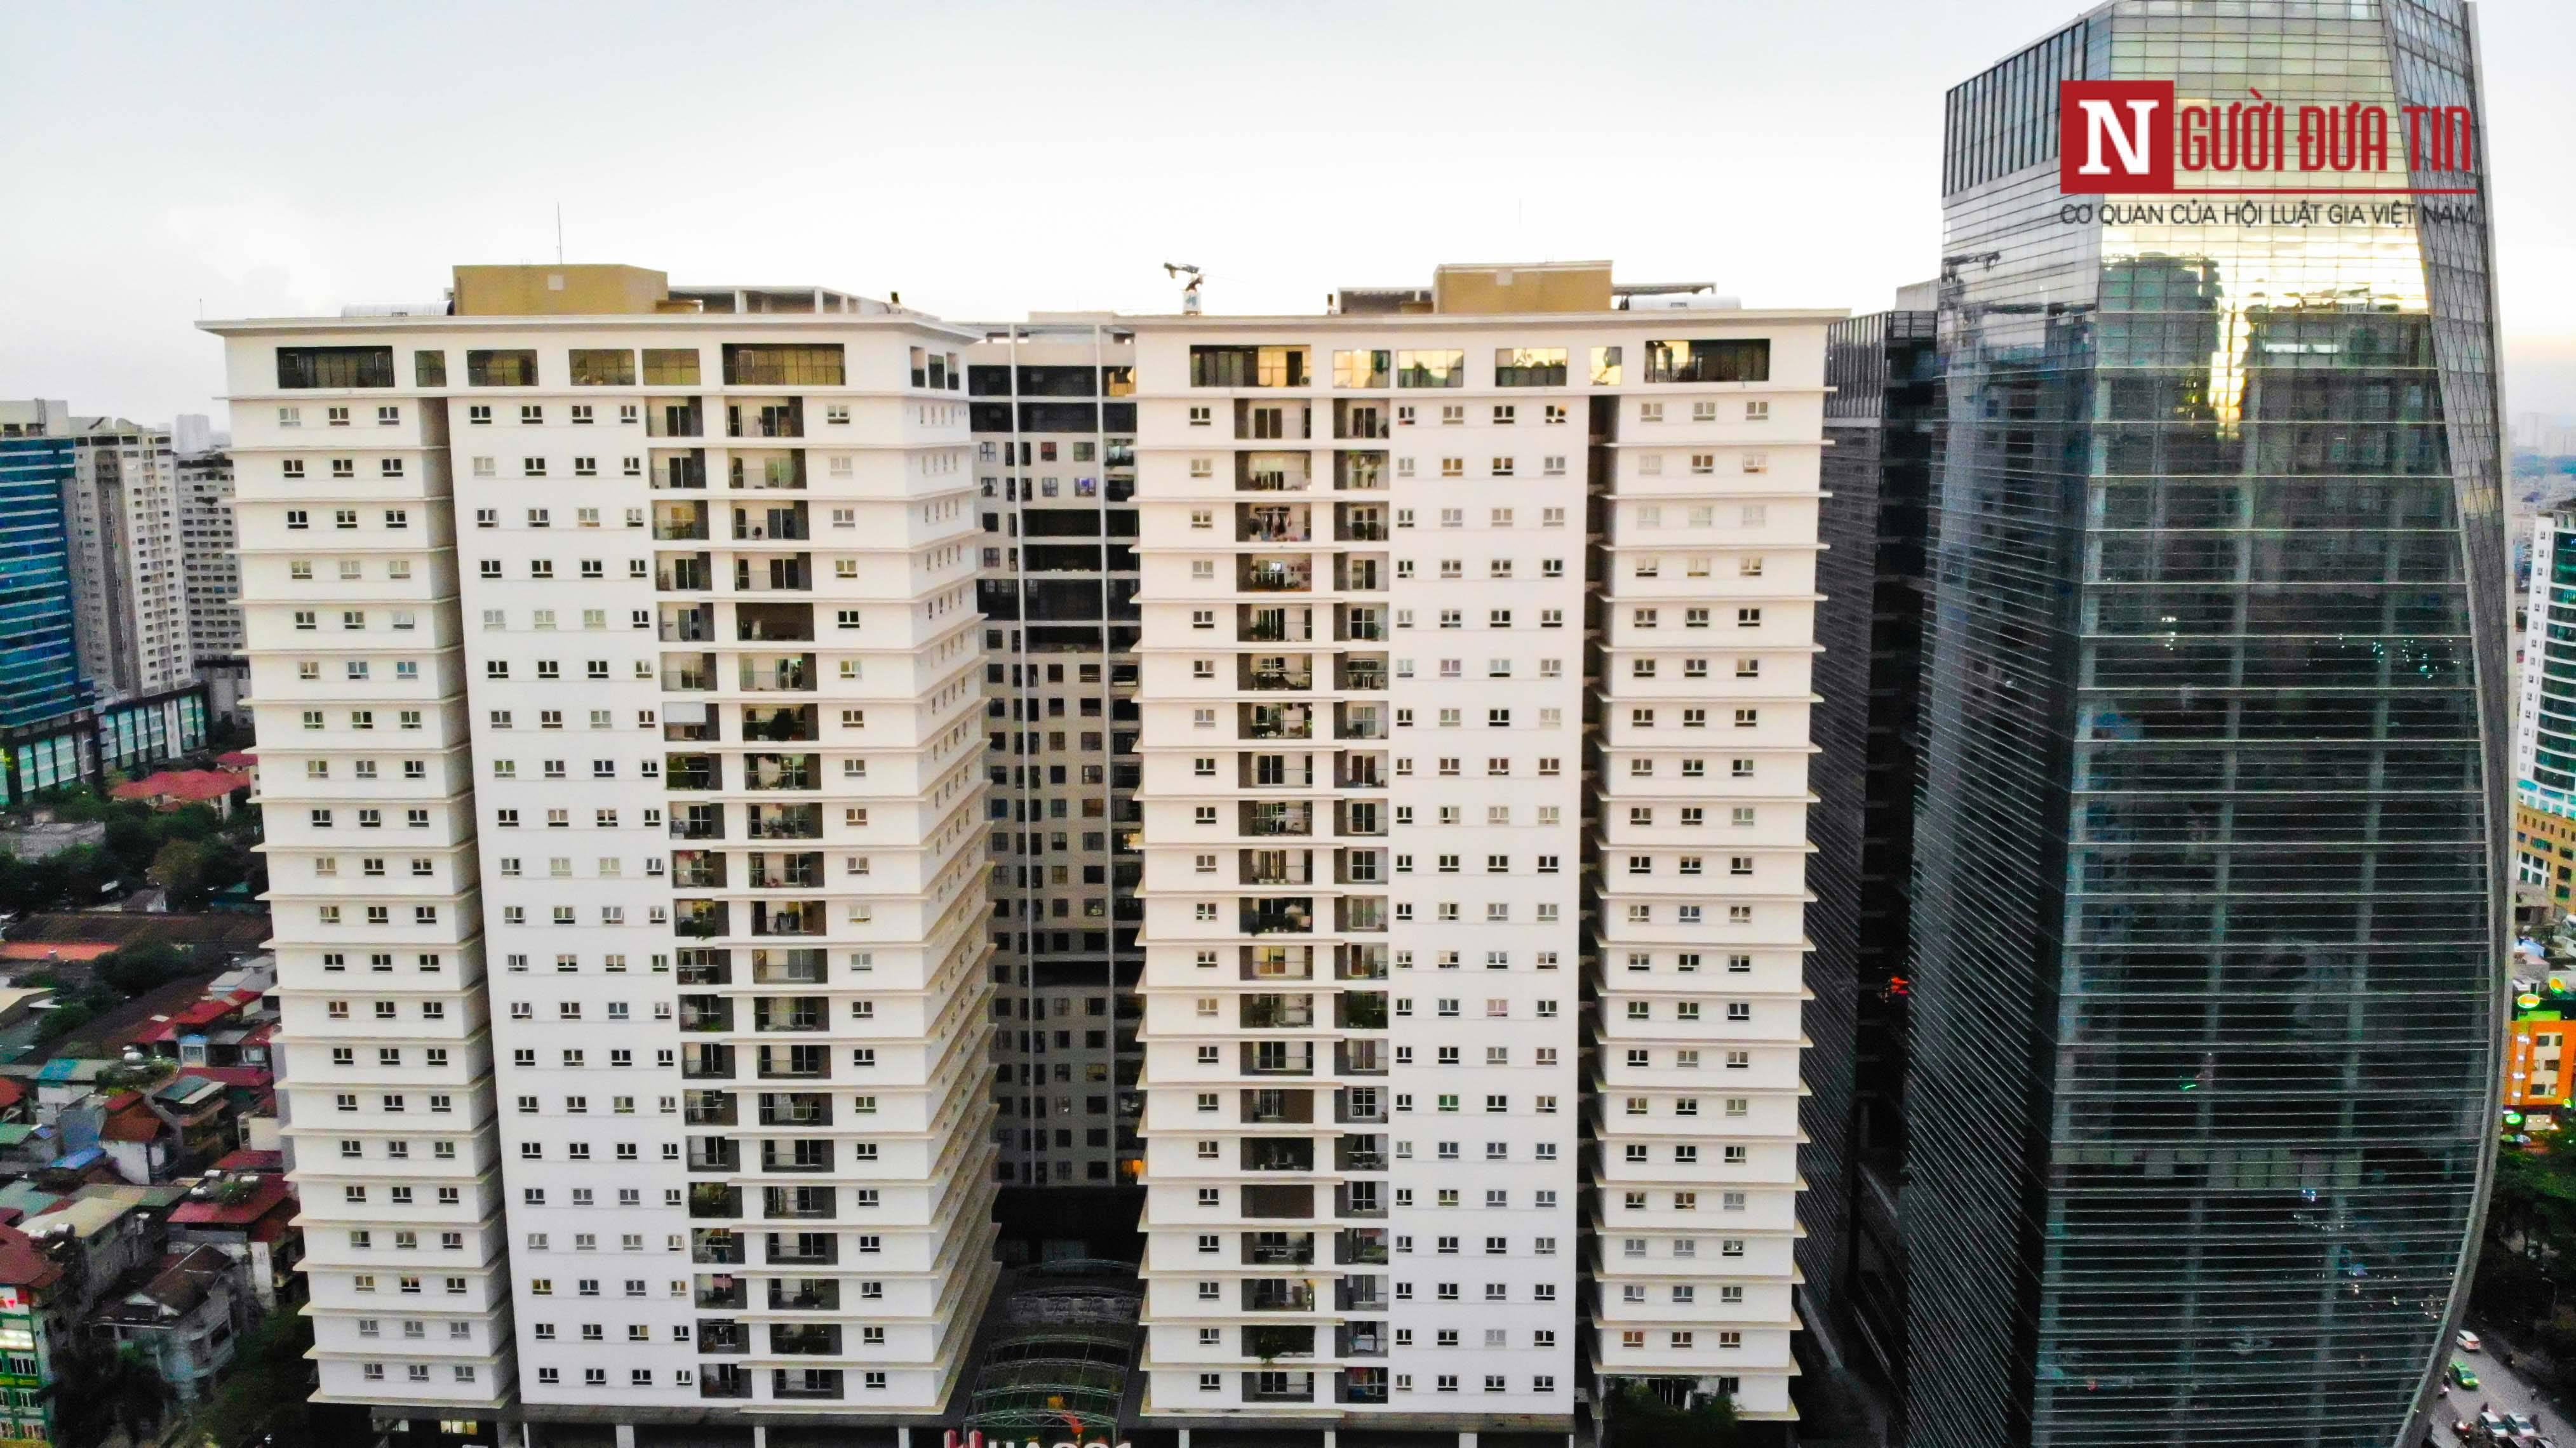 Bất động sản - Cận cảnh tuyến đường dài 2km cõng tới 40 toà nhà cao ốc tại Thủ đô (Hình 10).